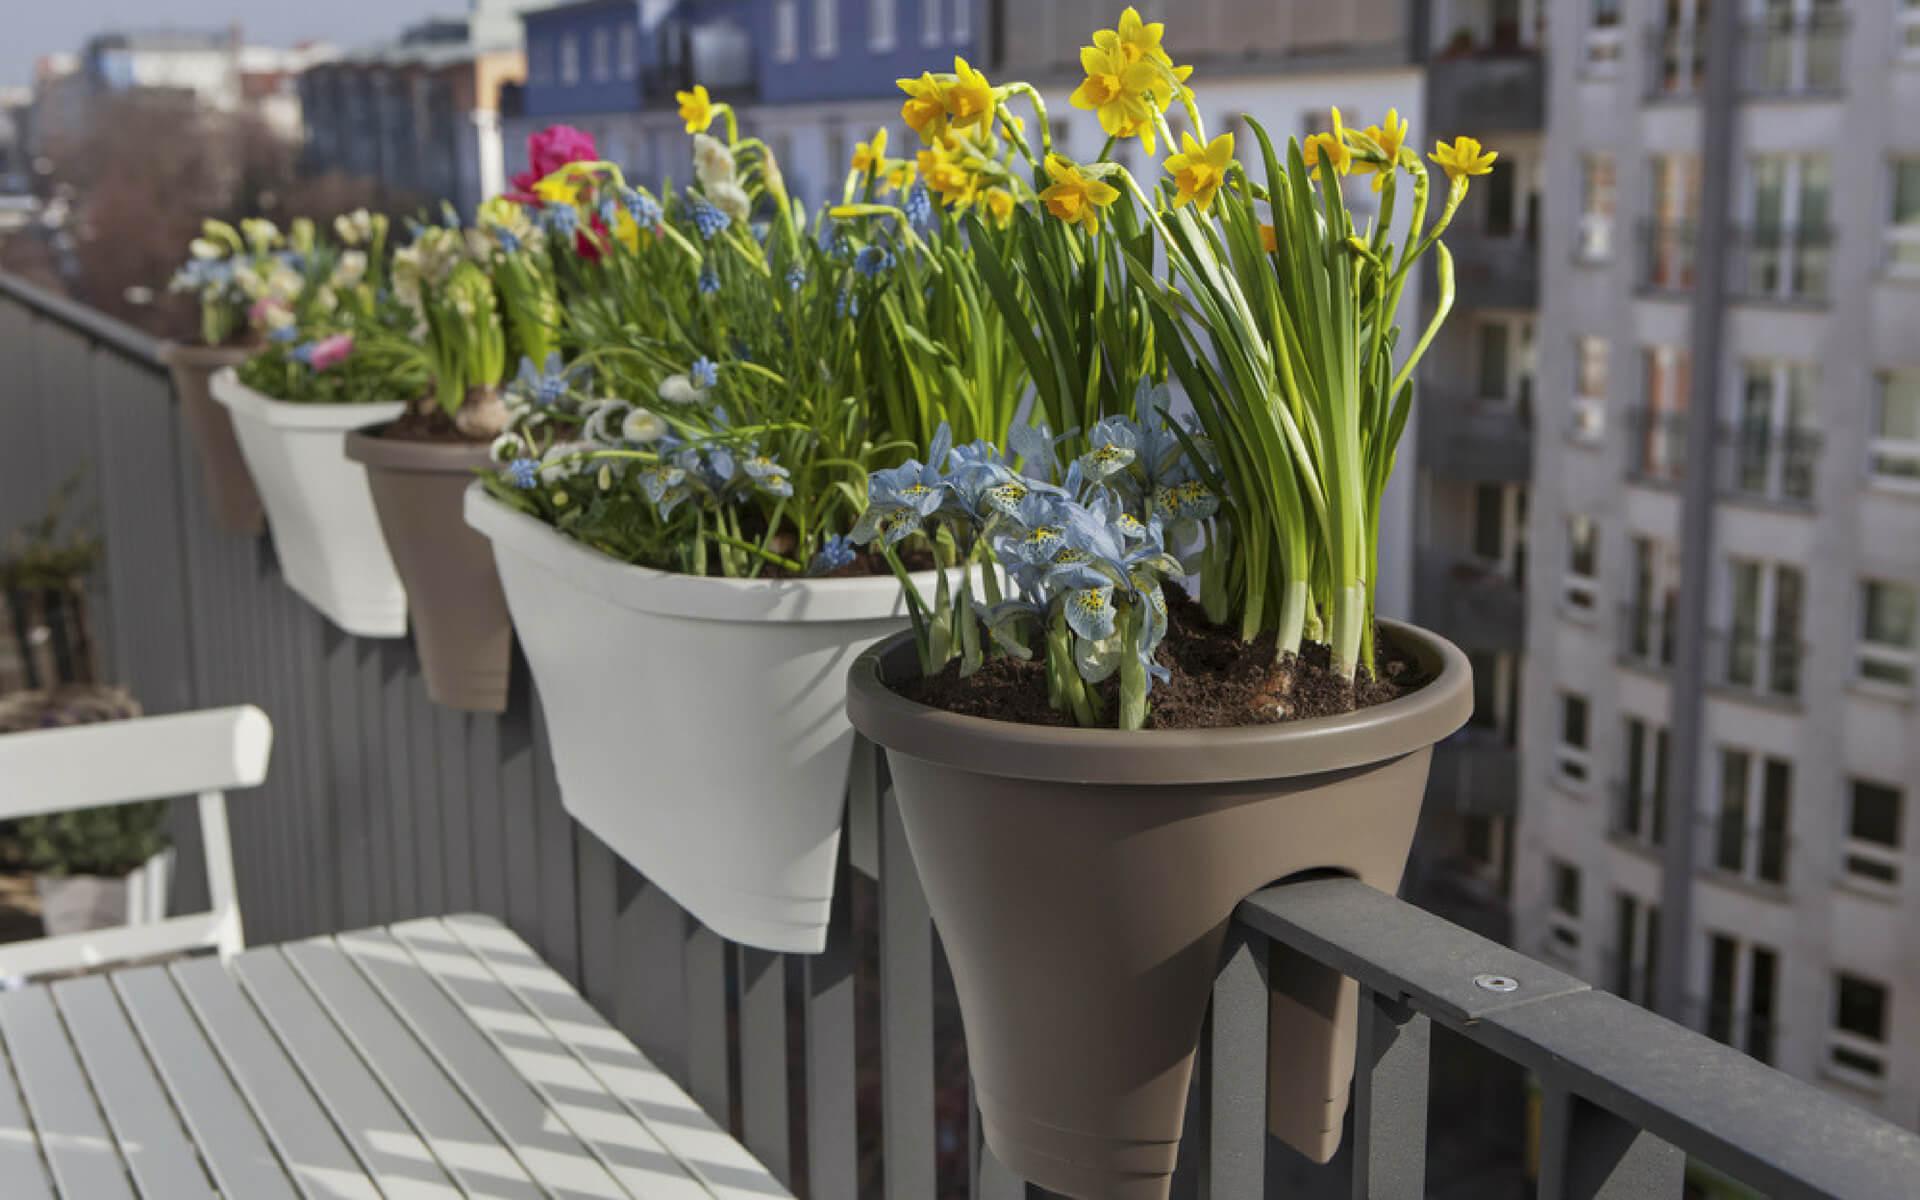 Le fioriere sono una soluzione ideale per arredare un balcone stretto e lungo creando la giusta privacy